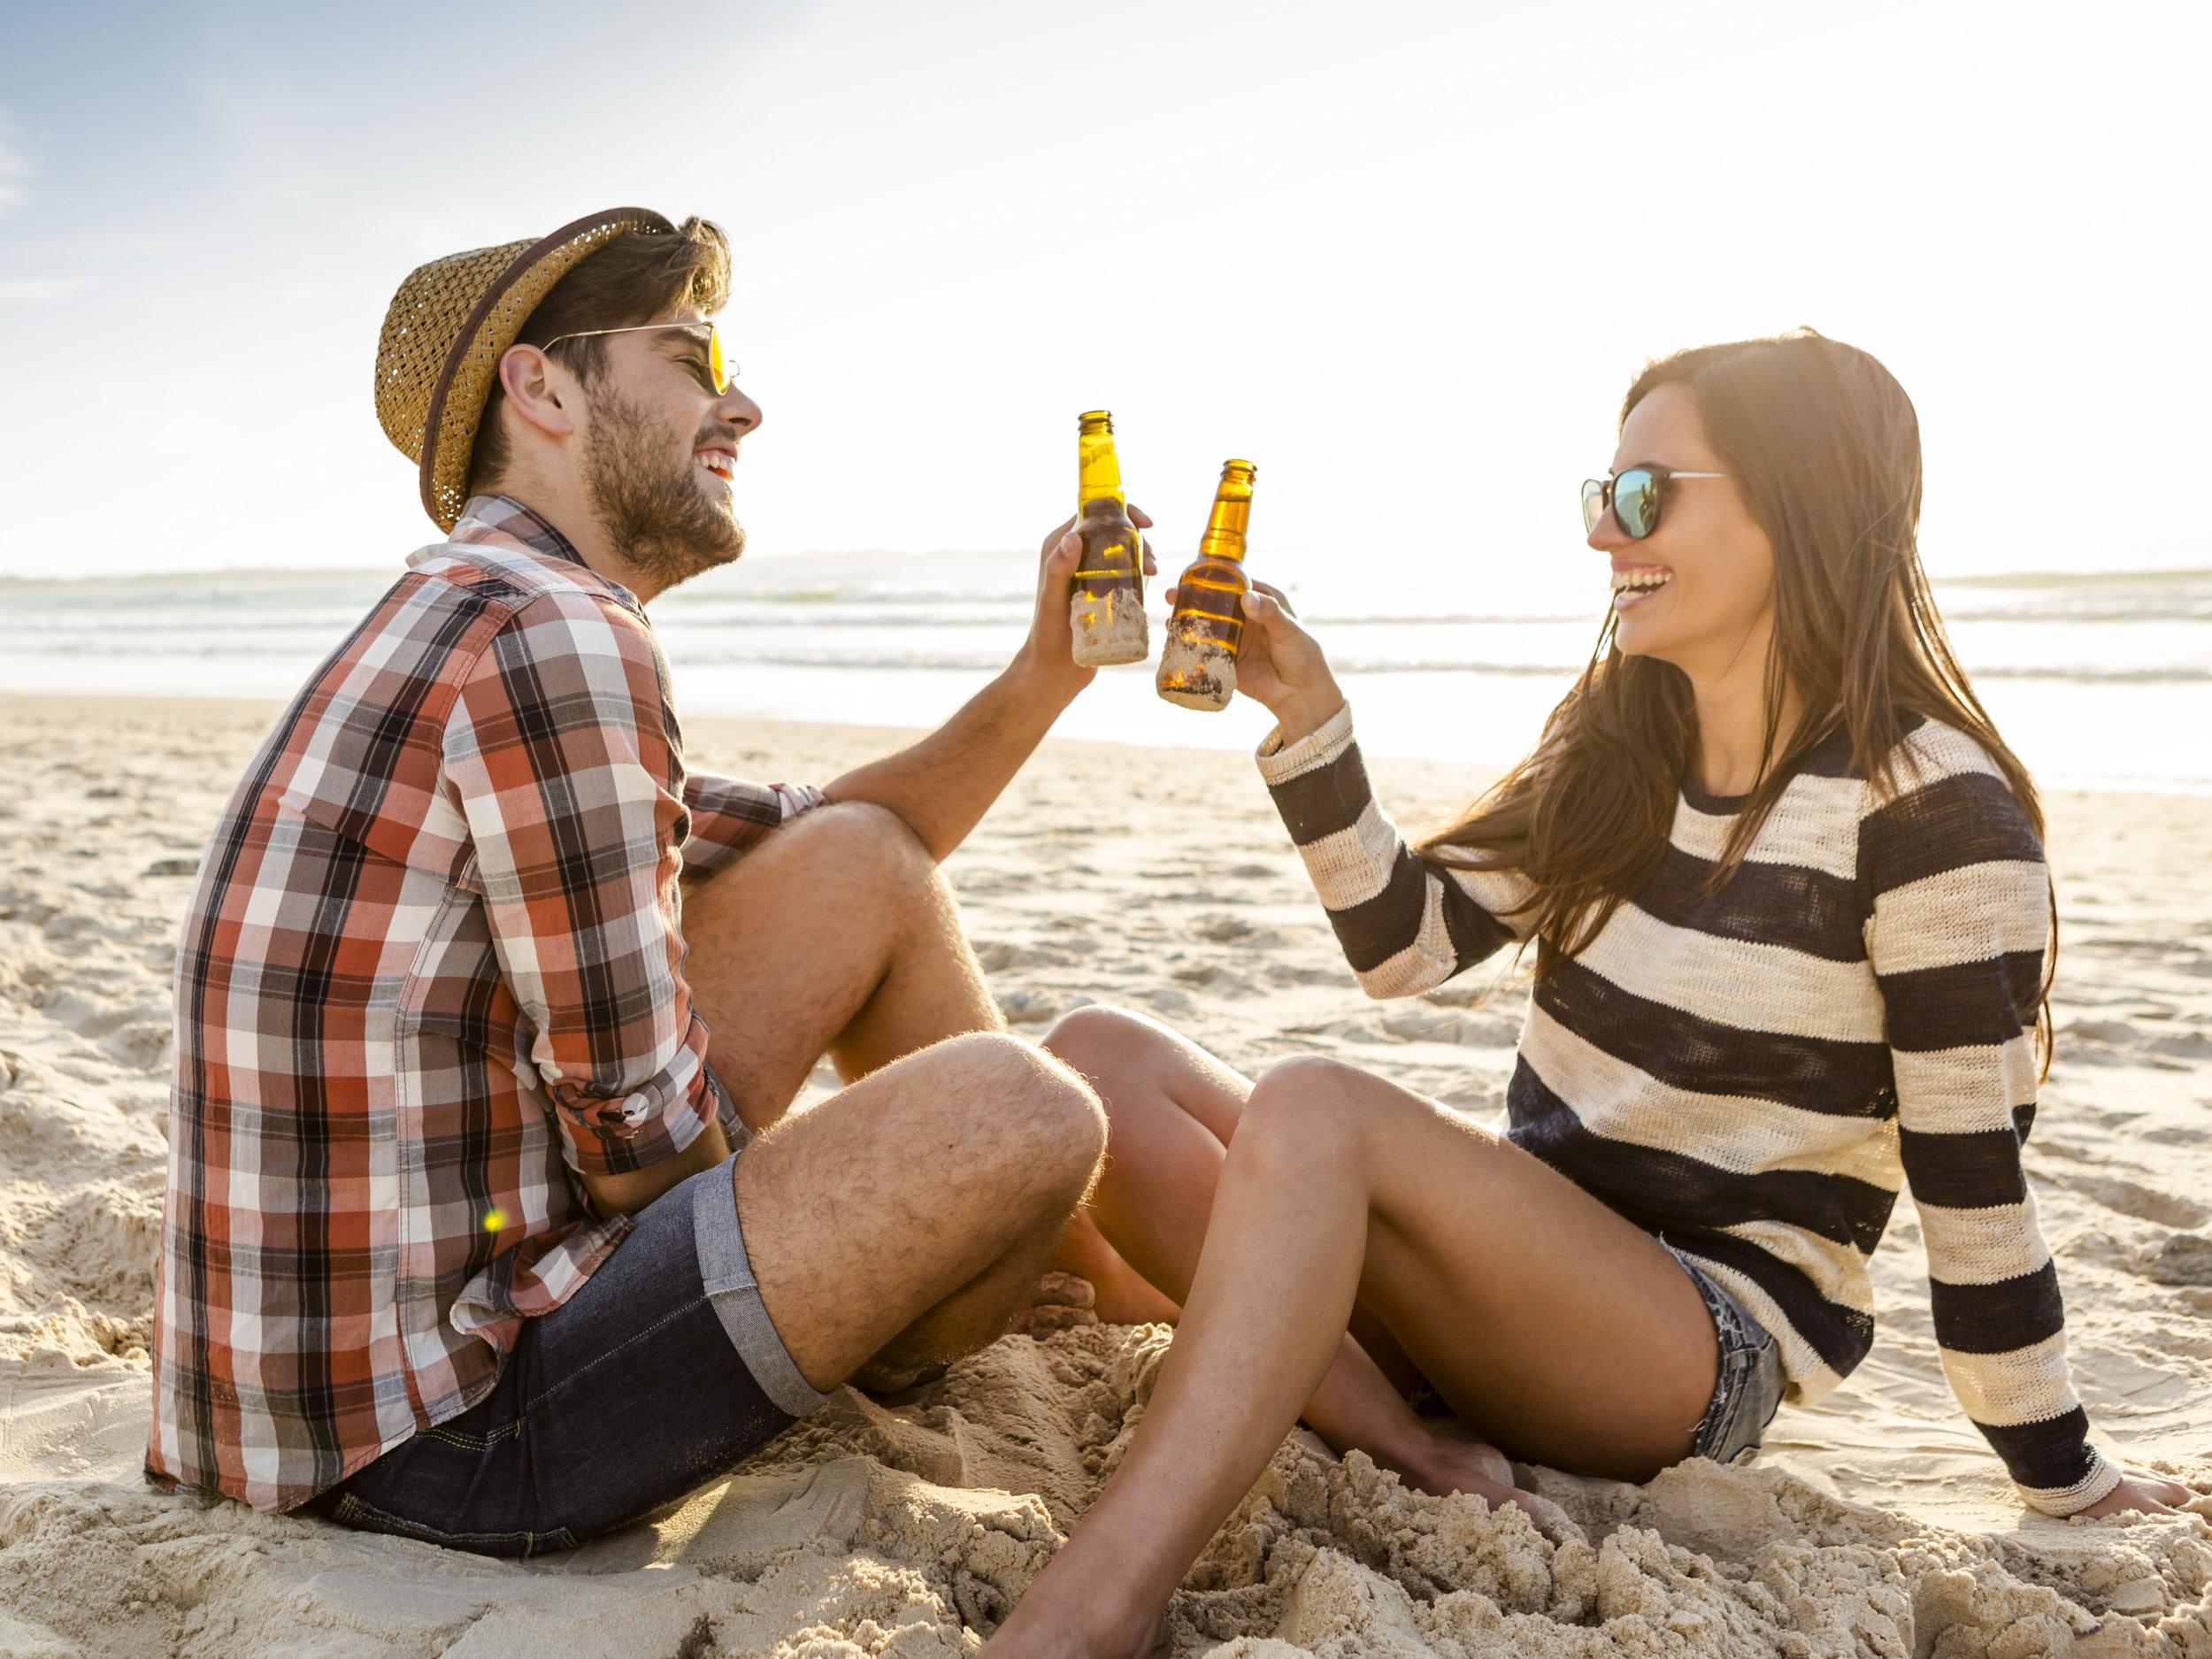 couple-on-the-beach-PMHYDQK.jpg